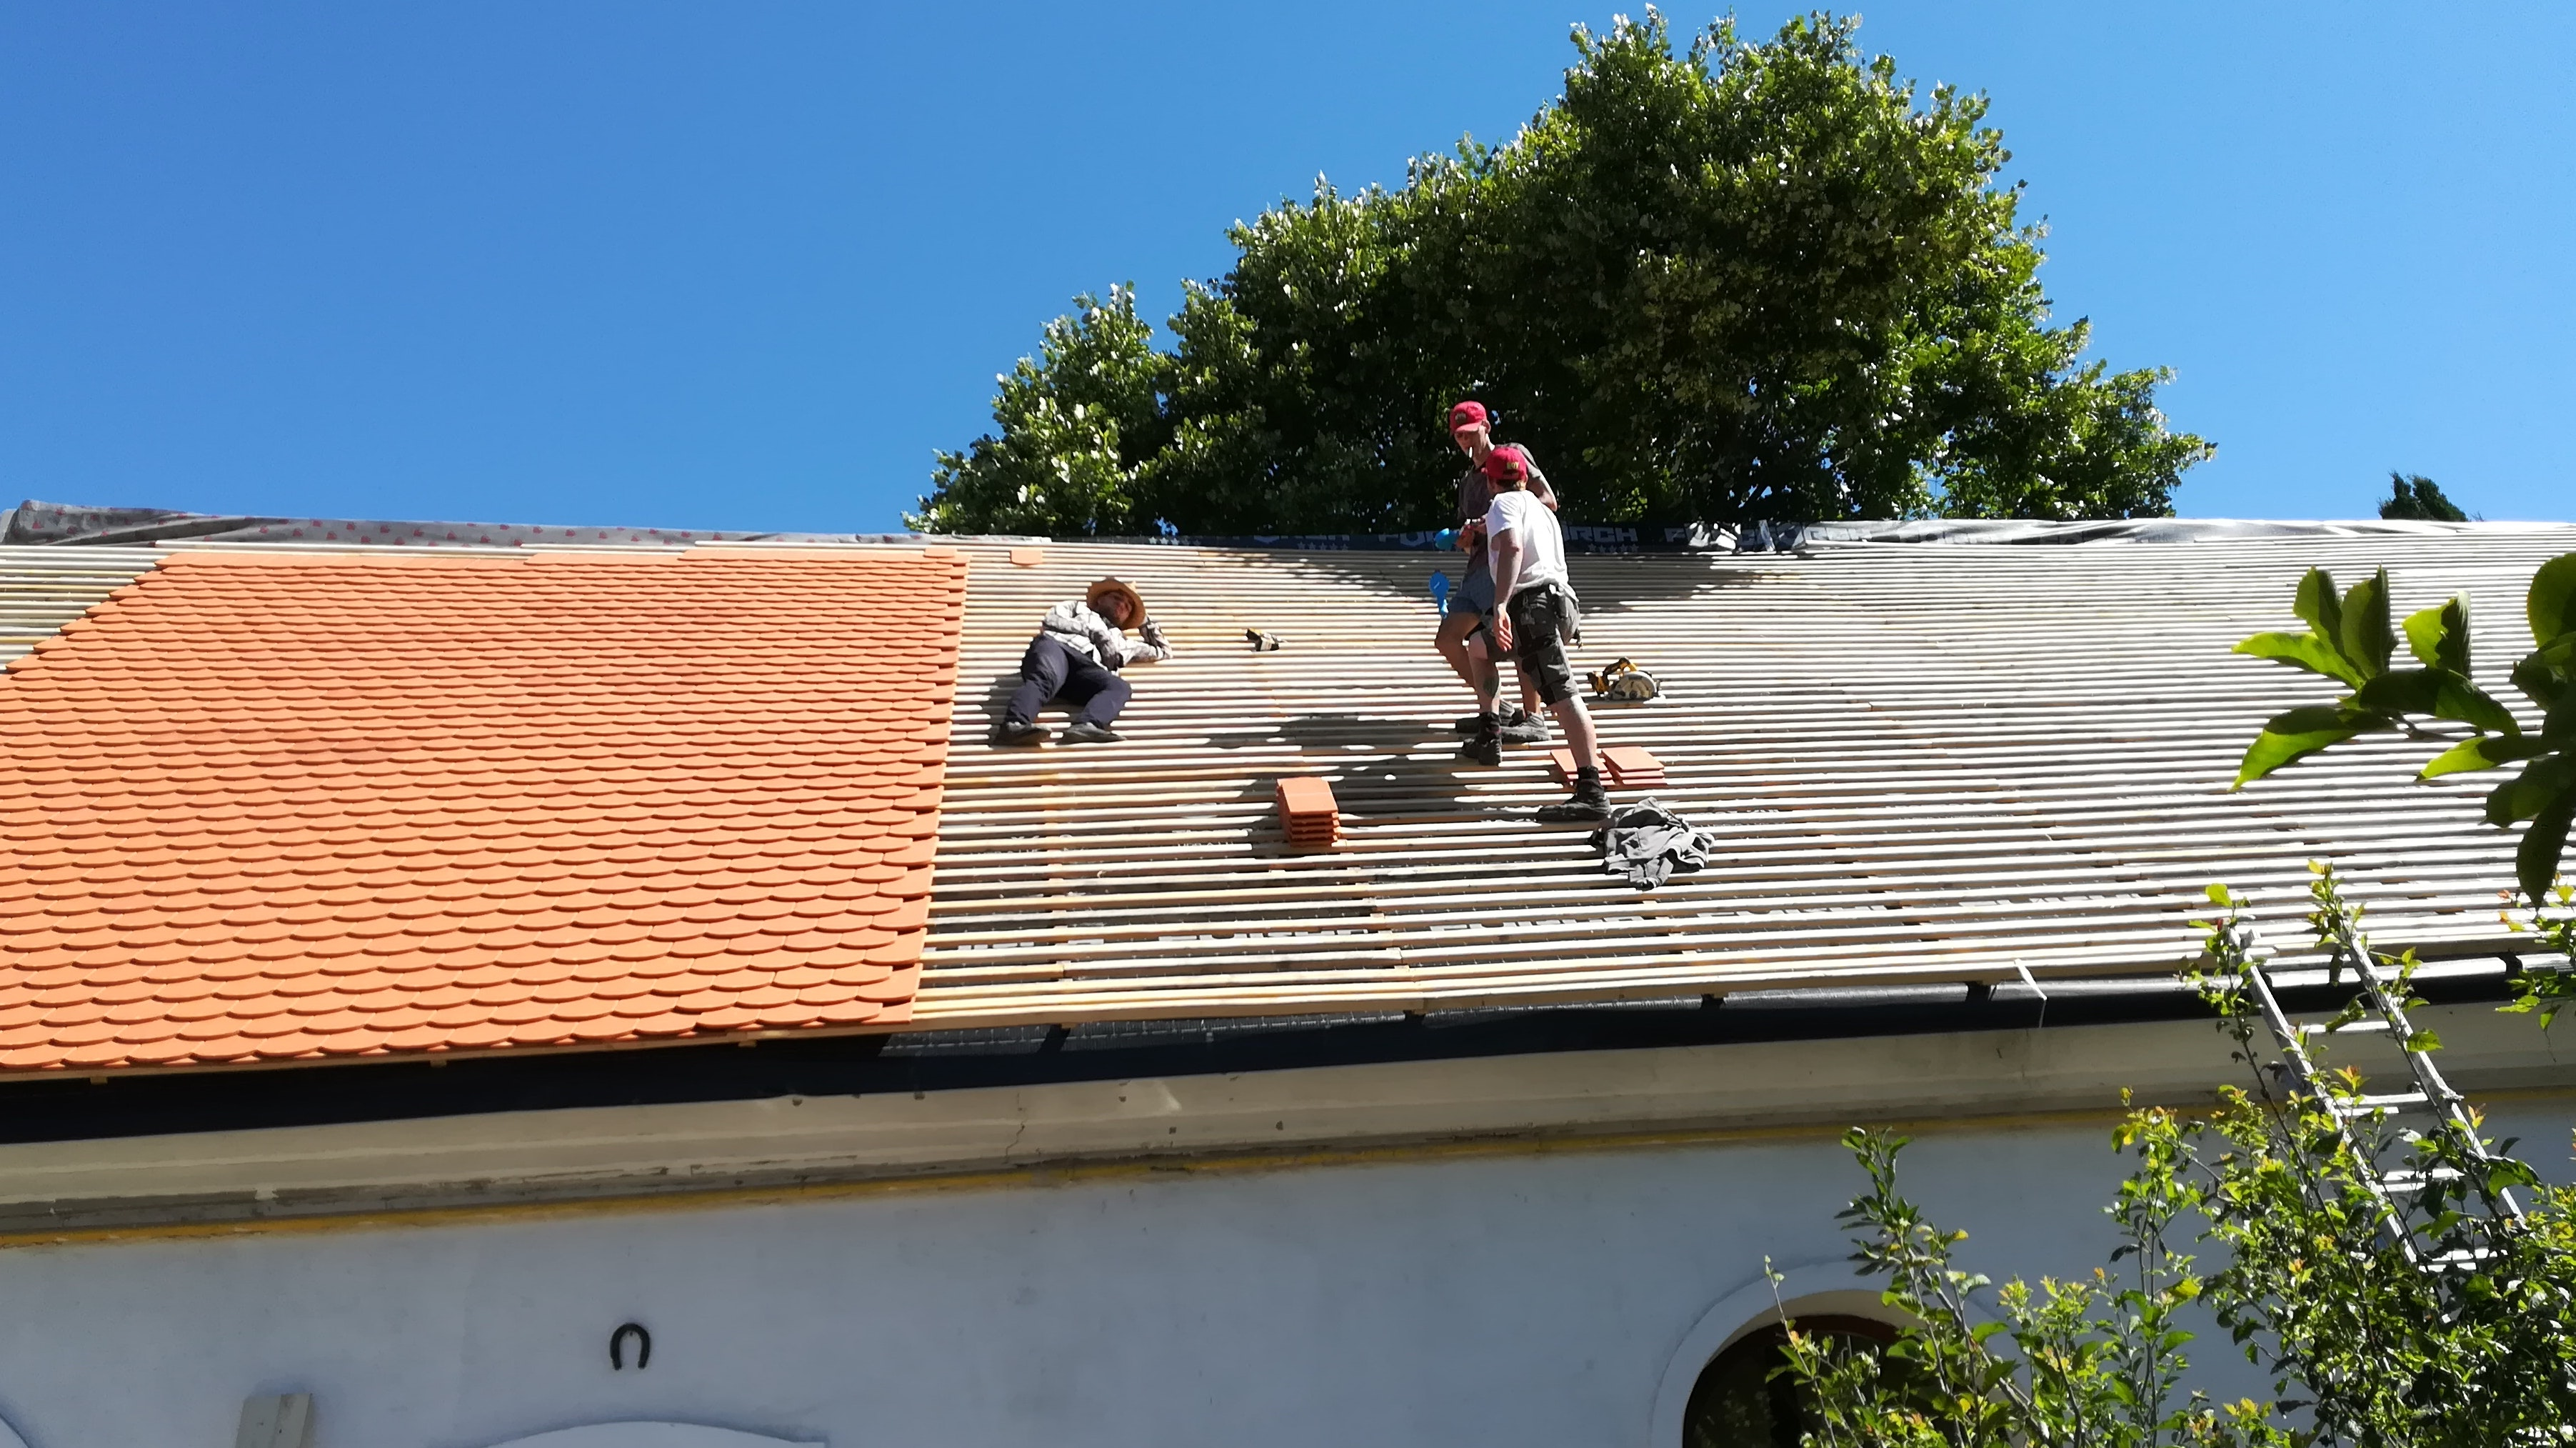 Ein neues Dach fürs Kinderheim: Die Sanierung in Alba Iulia ist mittlerweile abgeschlossen. Das Projekt wurde durch Spenden aus dem Landkreis Vechta finanziert. Foto: Nordlohne